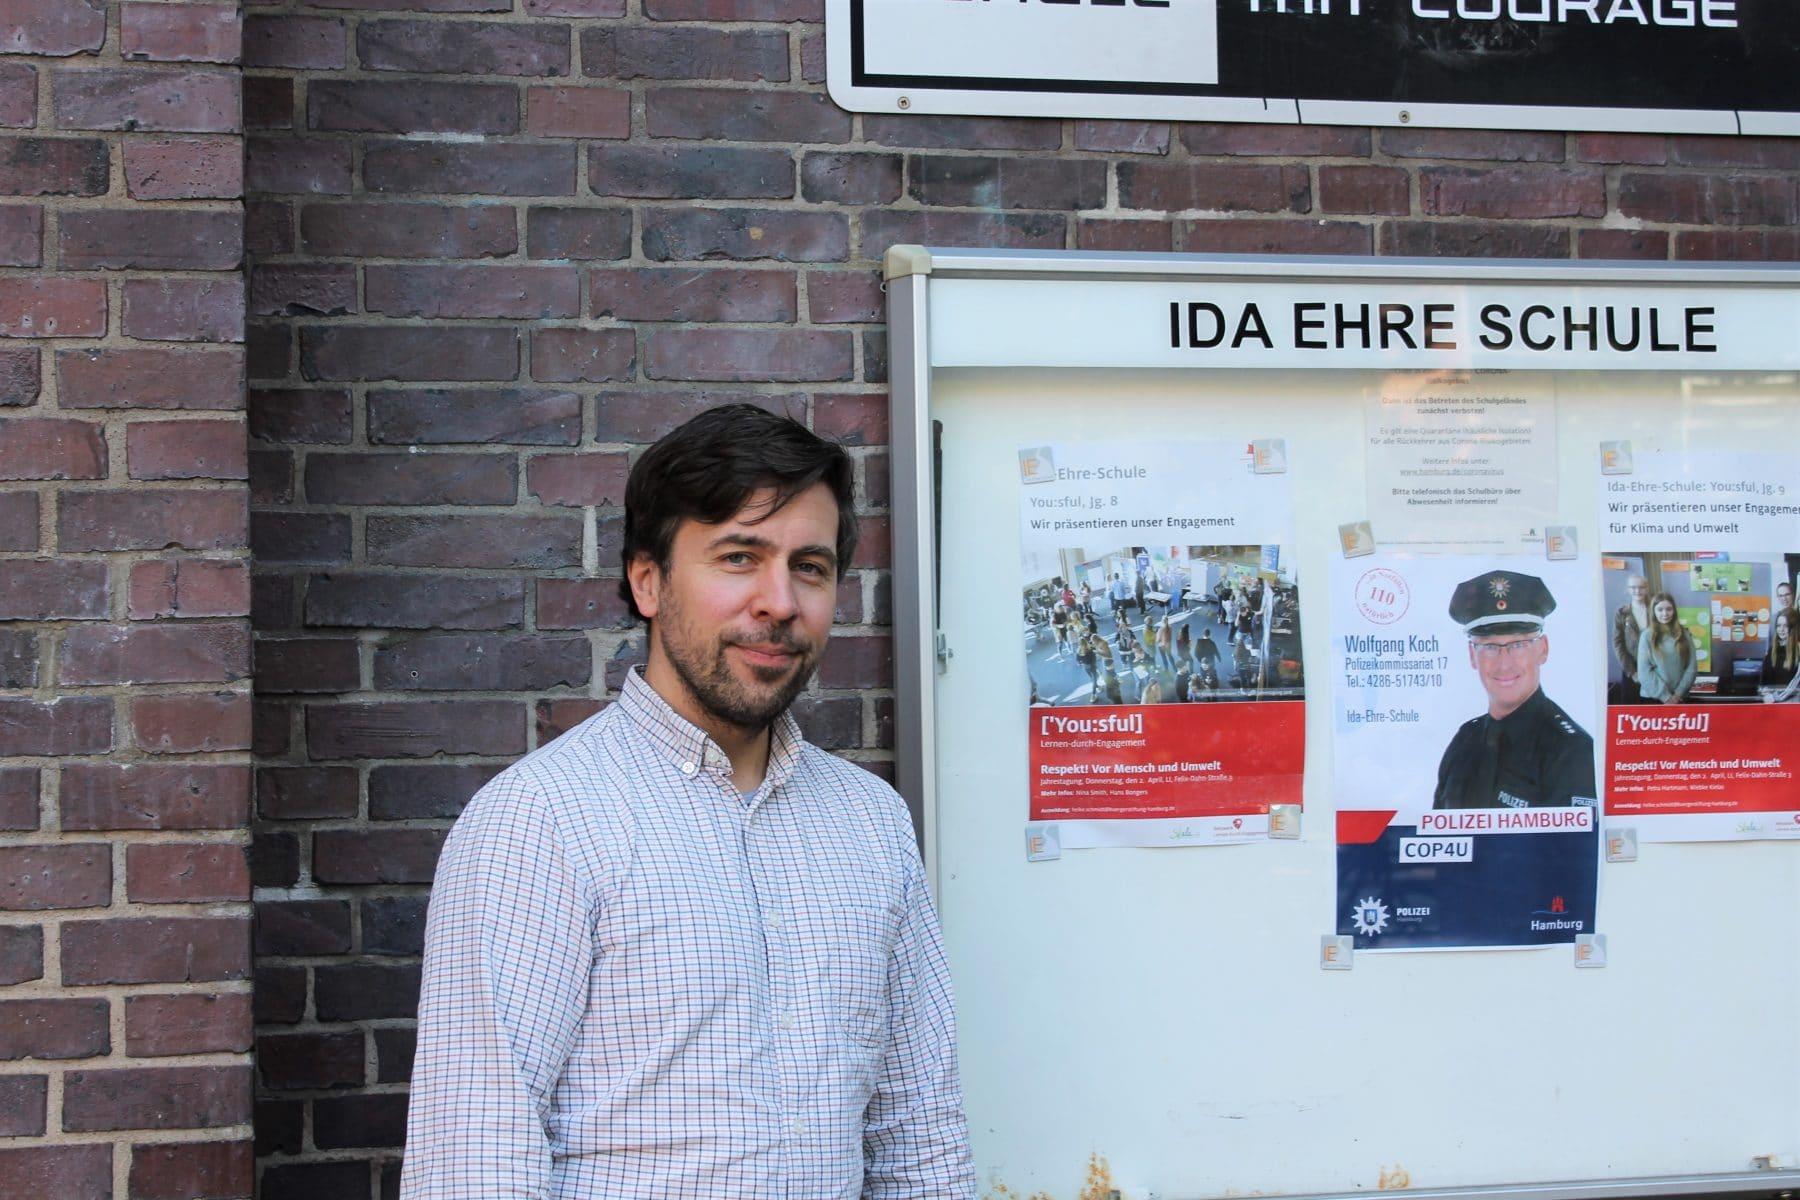 Sebastian von Hase, Musiklehrer und Initiator des Projekts an der Ida Ehre Schule. Foto: Marianne Bruhns